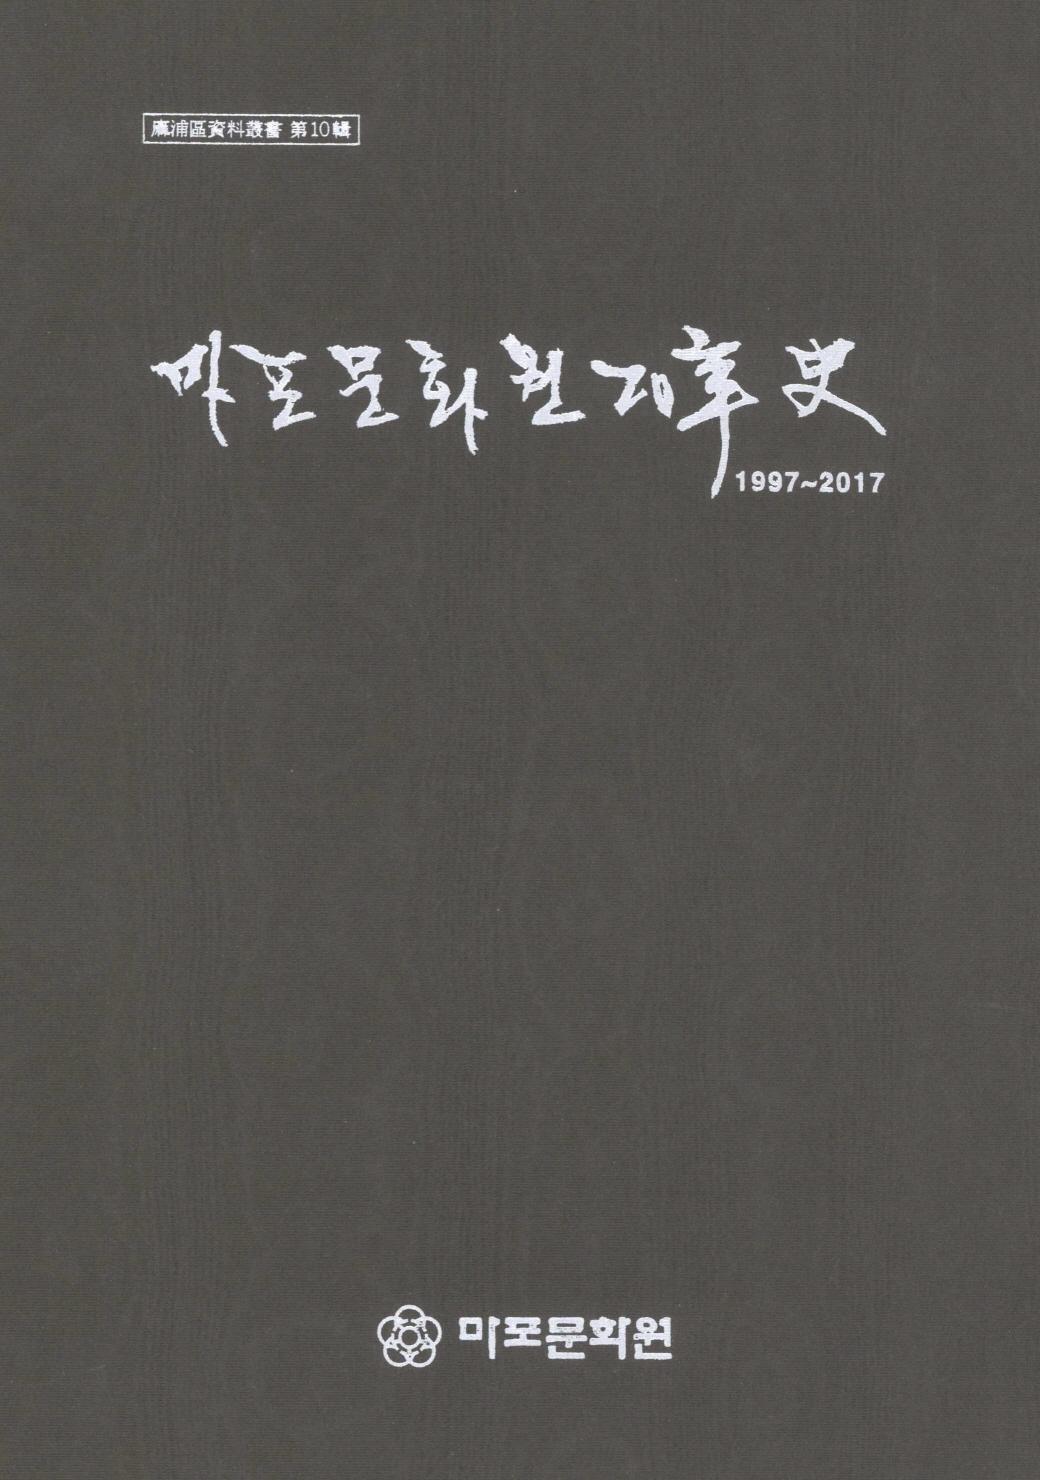 마포구자료총서 제10집. 마포문화원 20년사 1997~2017